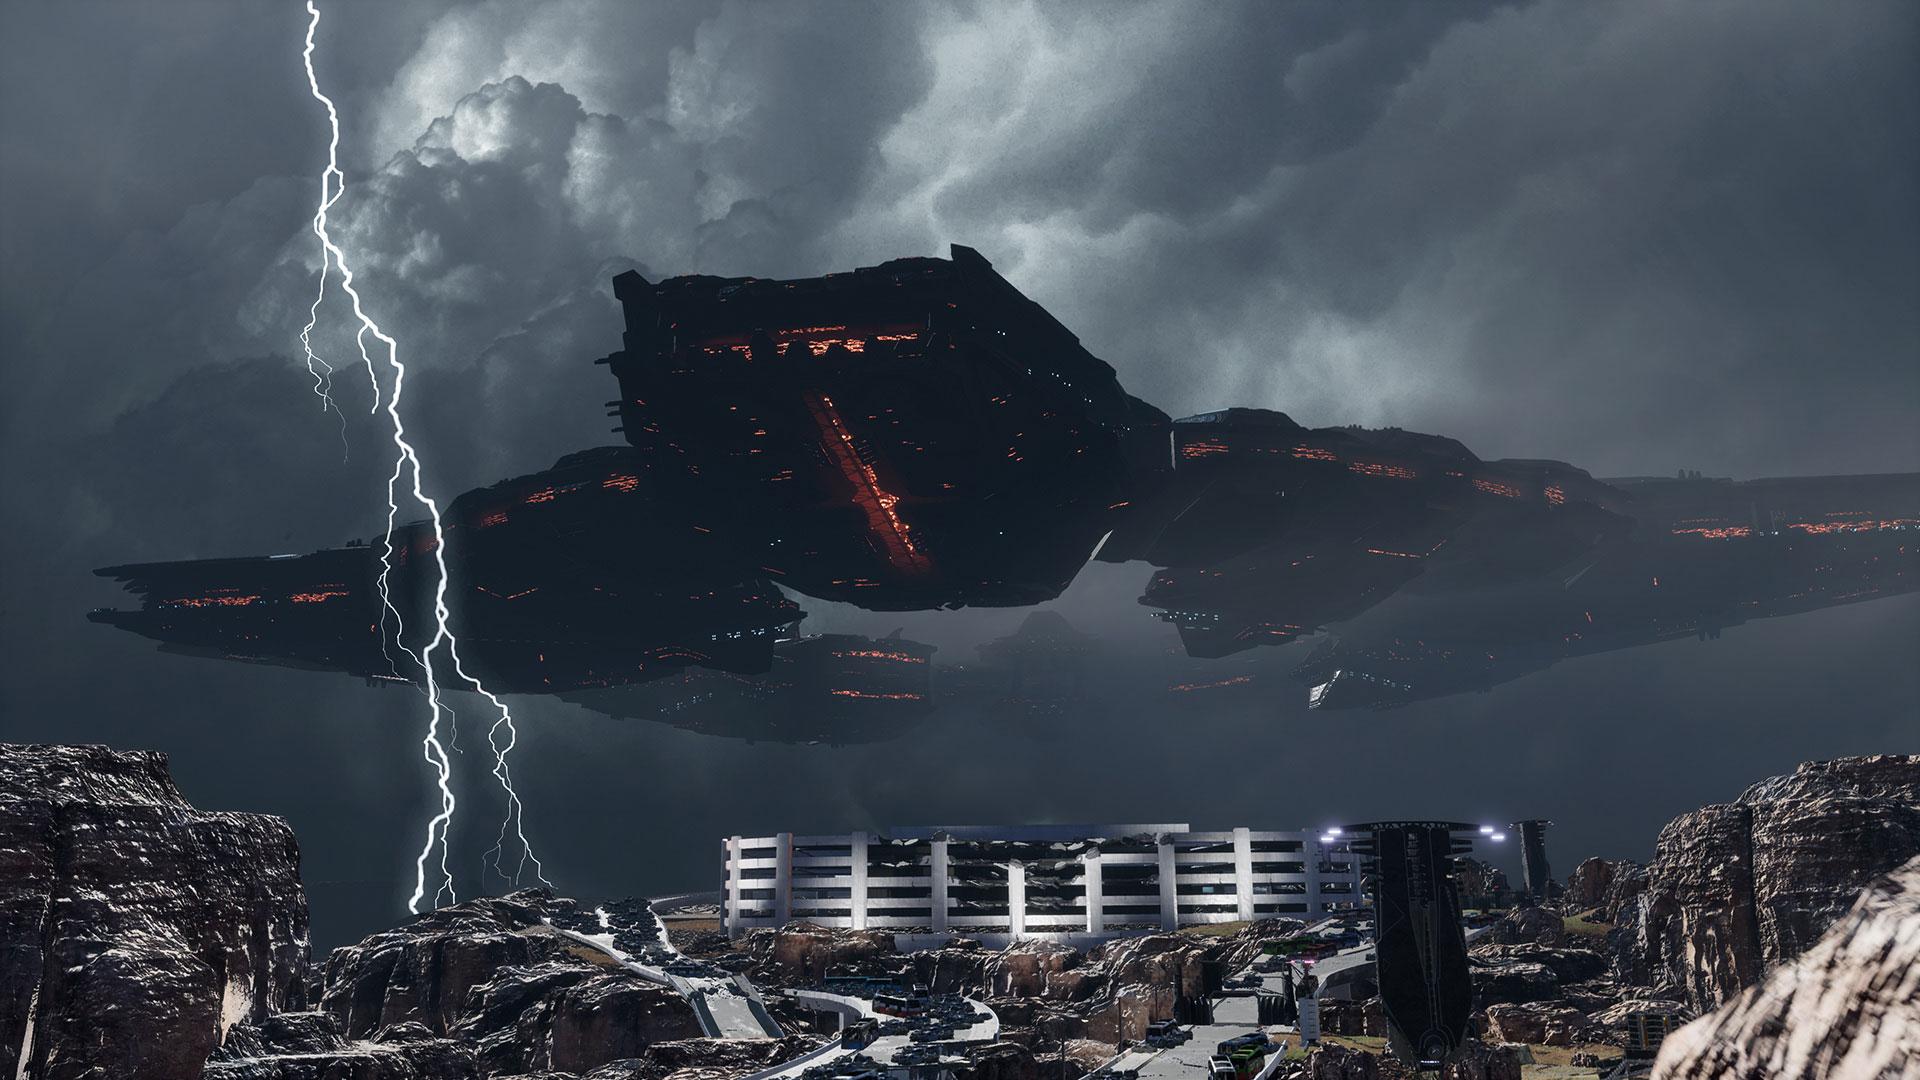 Шутер Disintegration от разработчика Halo обзавелся получасовым геймплеем